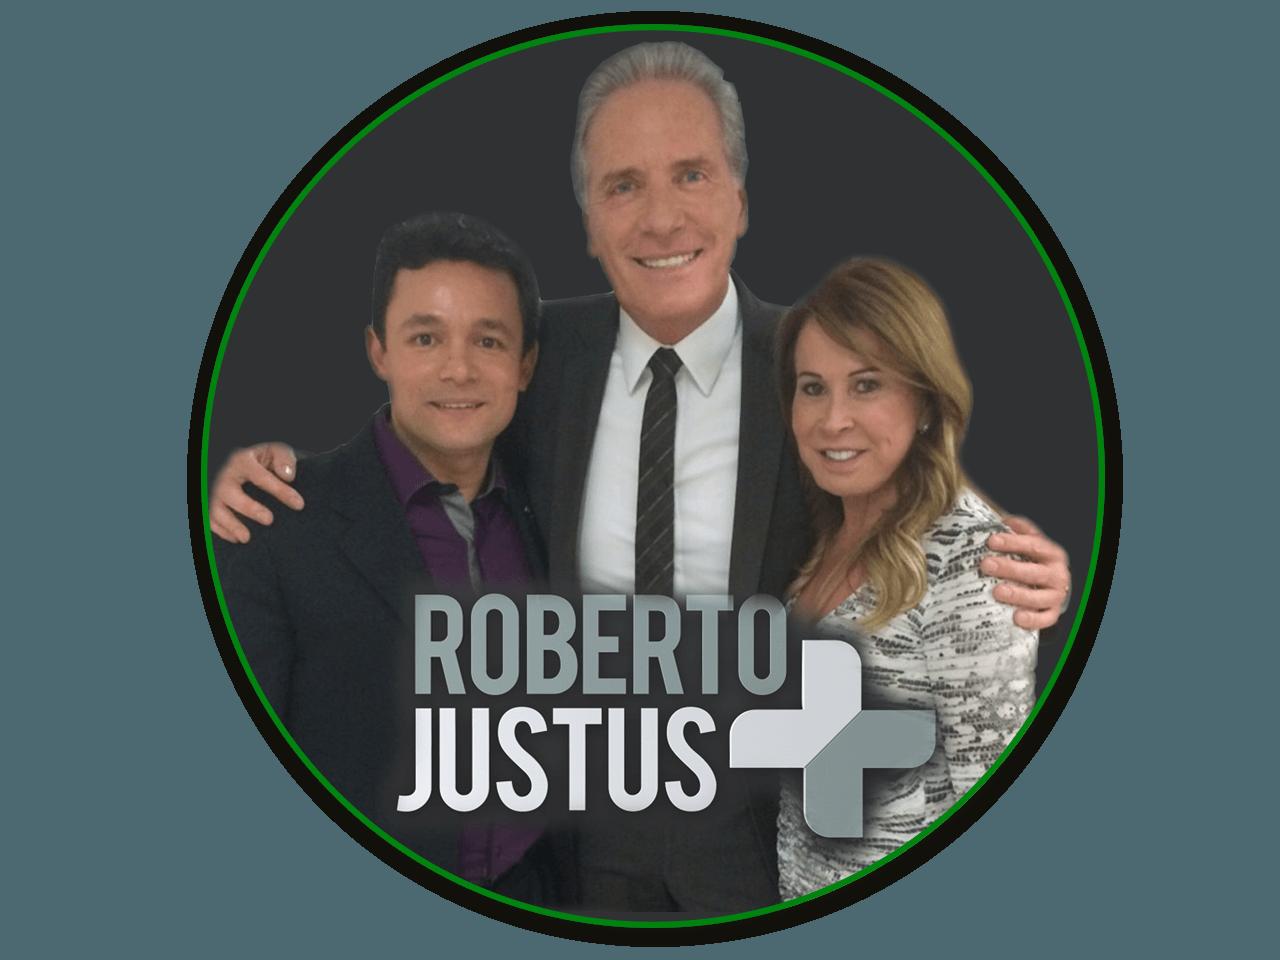 Roberto Justus Mais